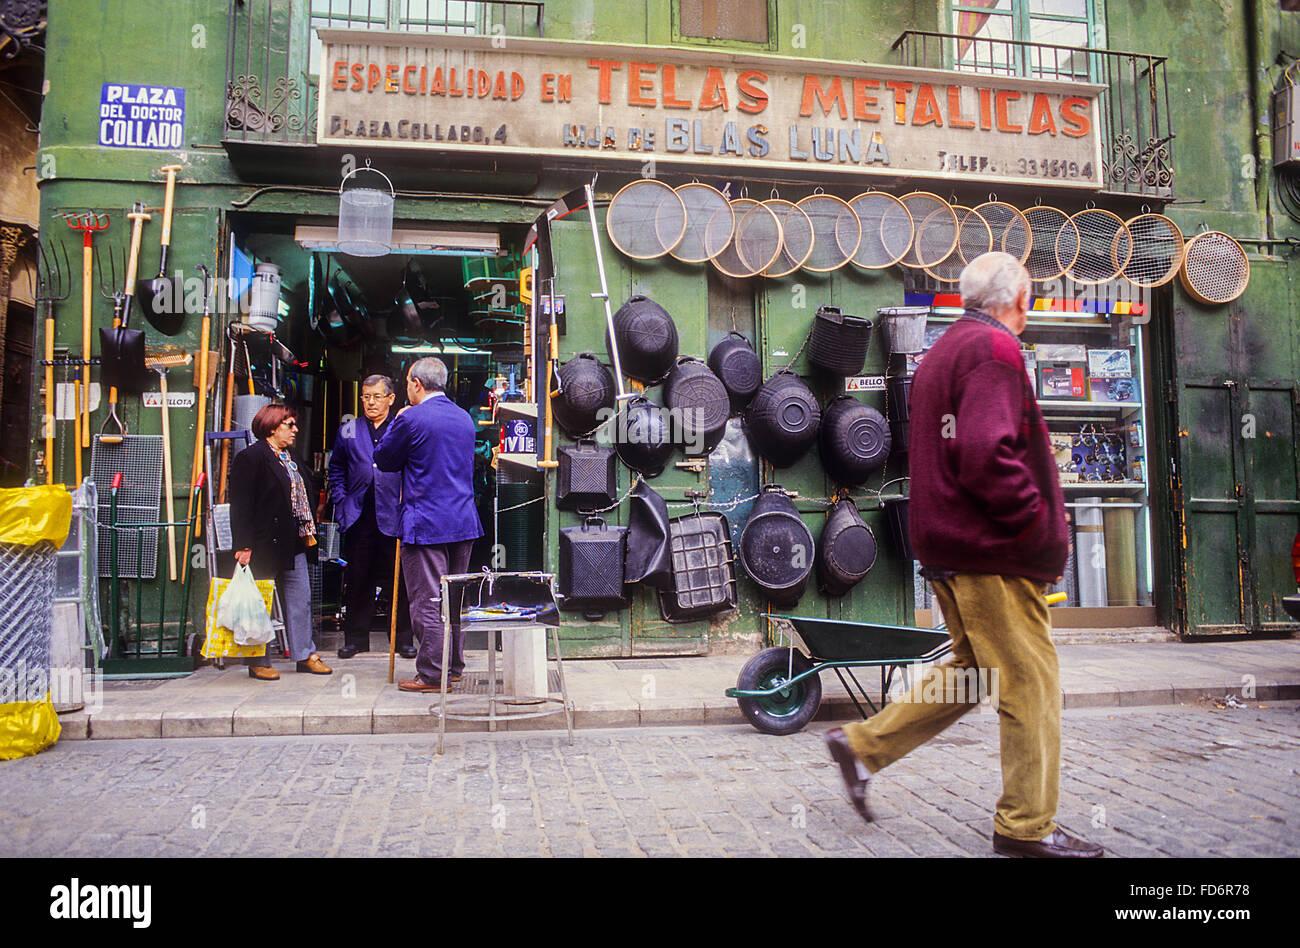 Hija de Blas Luna shop,4 collado street,hardware,Valencia,España Imagen De Stock